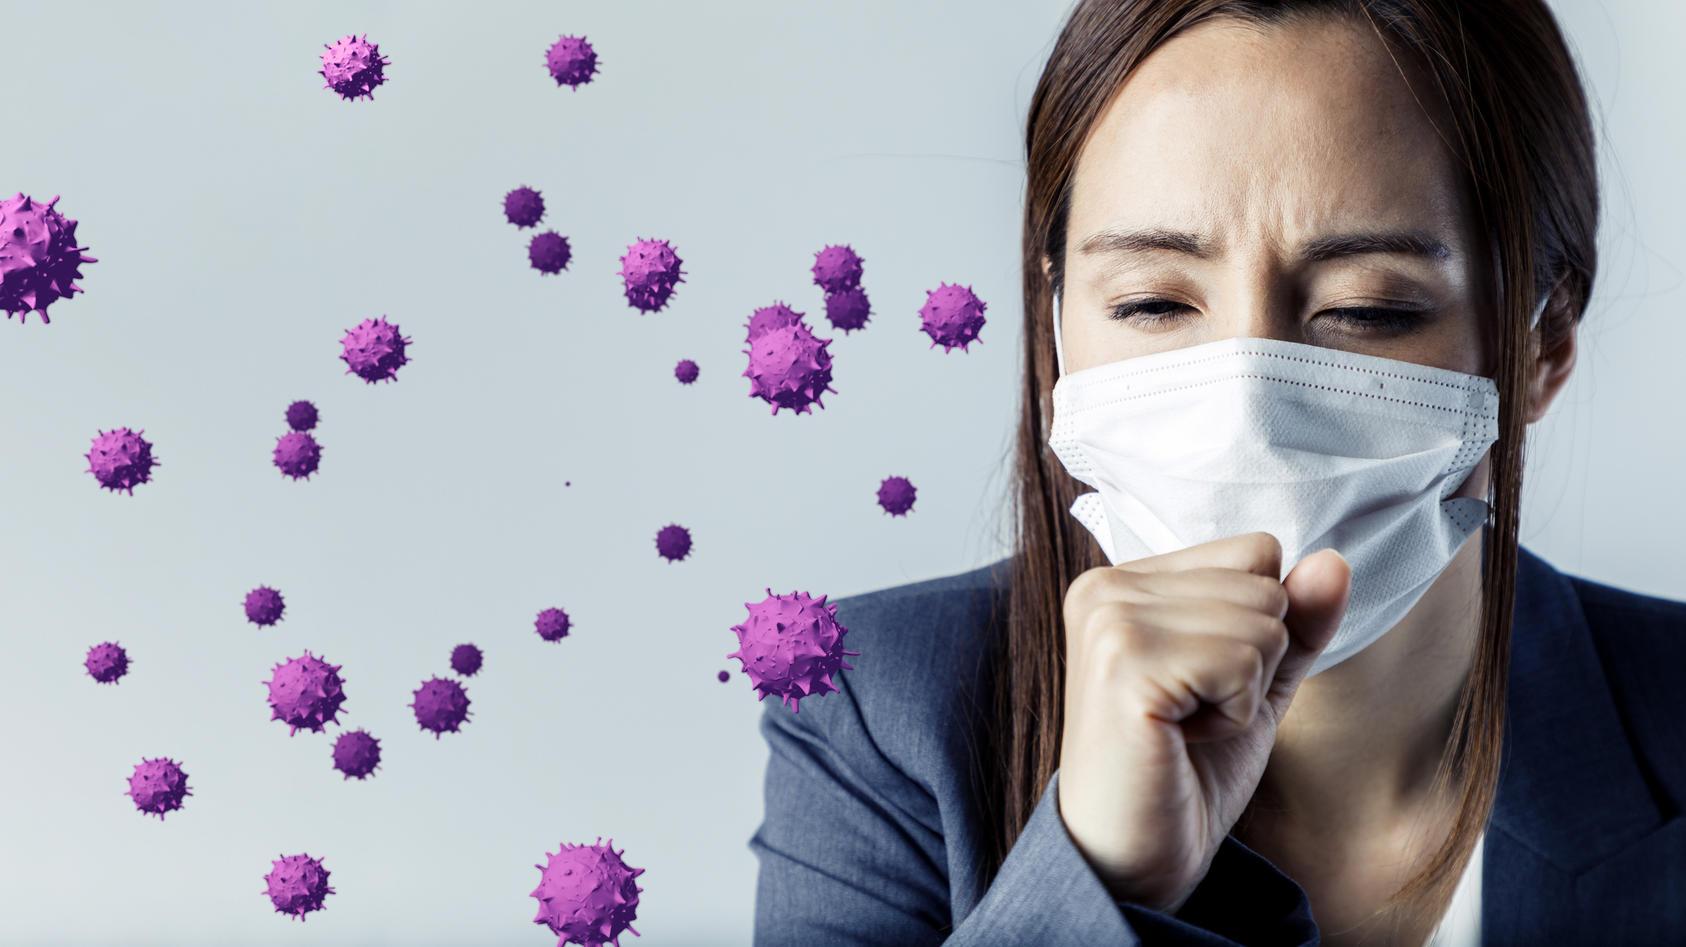 Das Coronavirus wird im Wesentlichen über Aerosole übertragen. Dabei gibt es aber unterschiedliche Wege der Infektion.